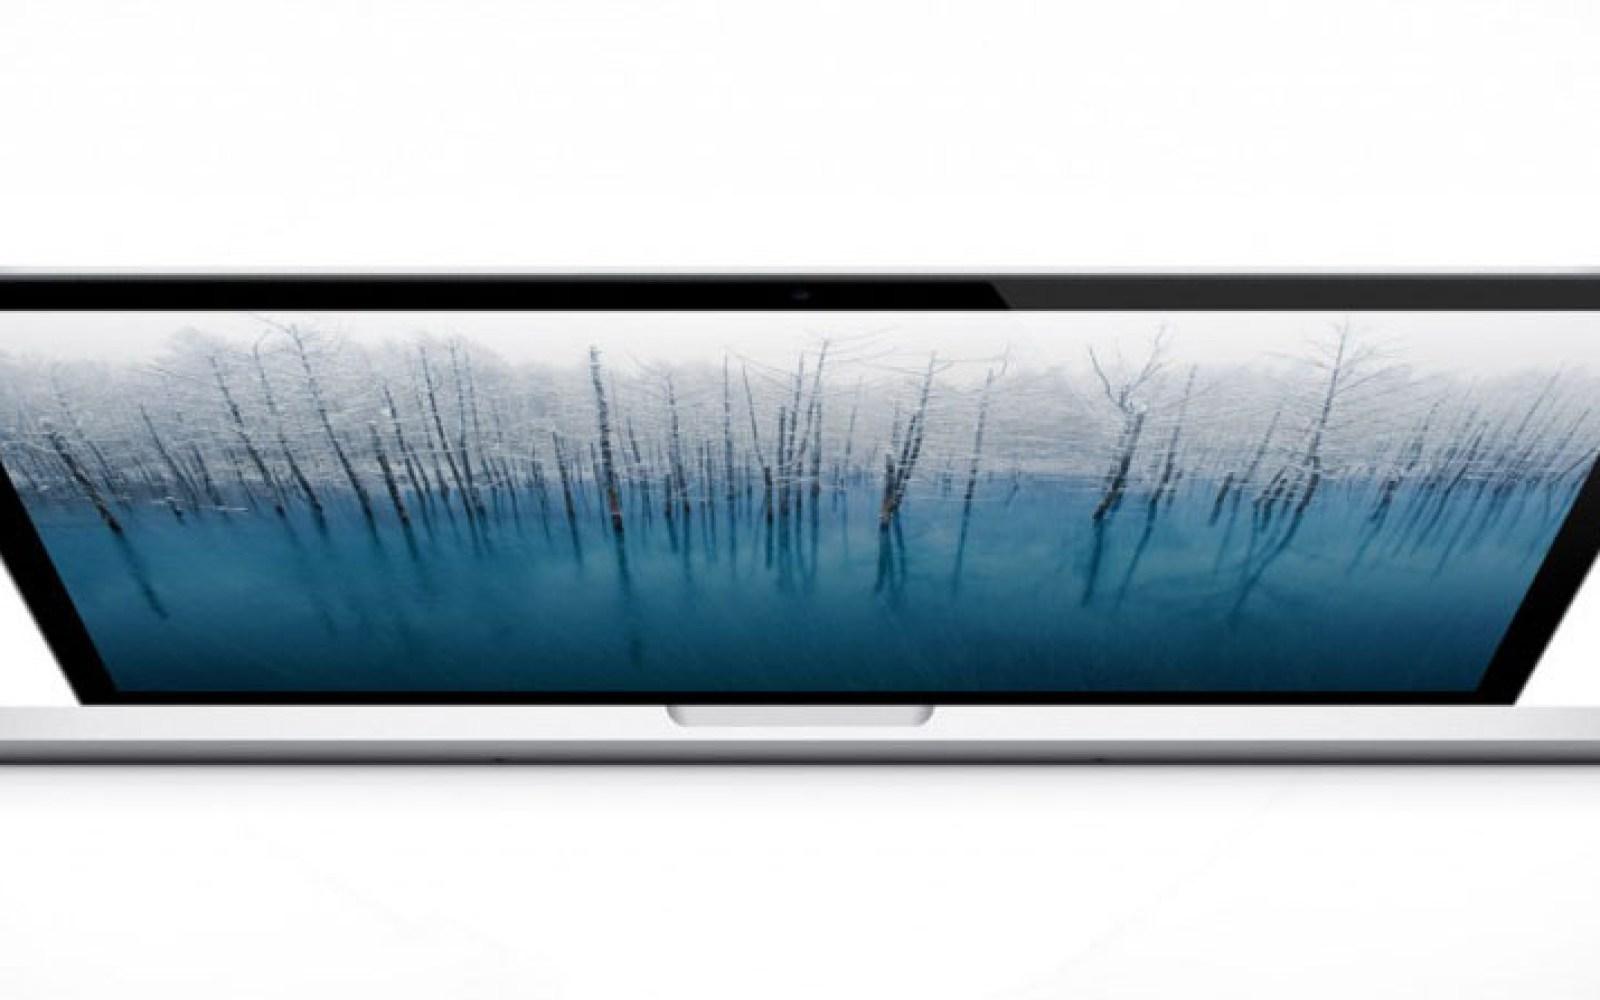 Report: New MacBook Pros on sale Oct 24/25, iPads Oct 30/31, Mac Pro Nov 15